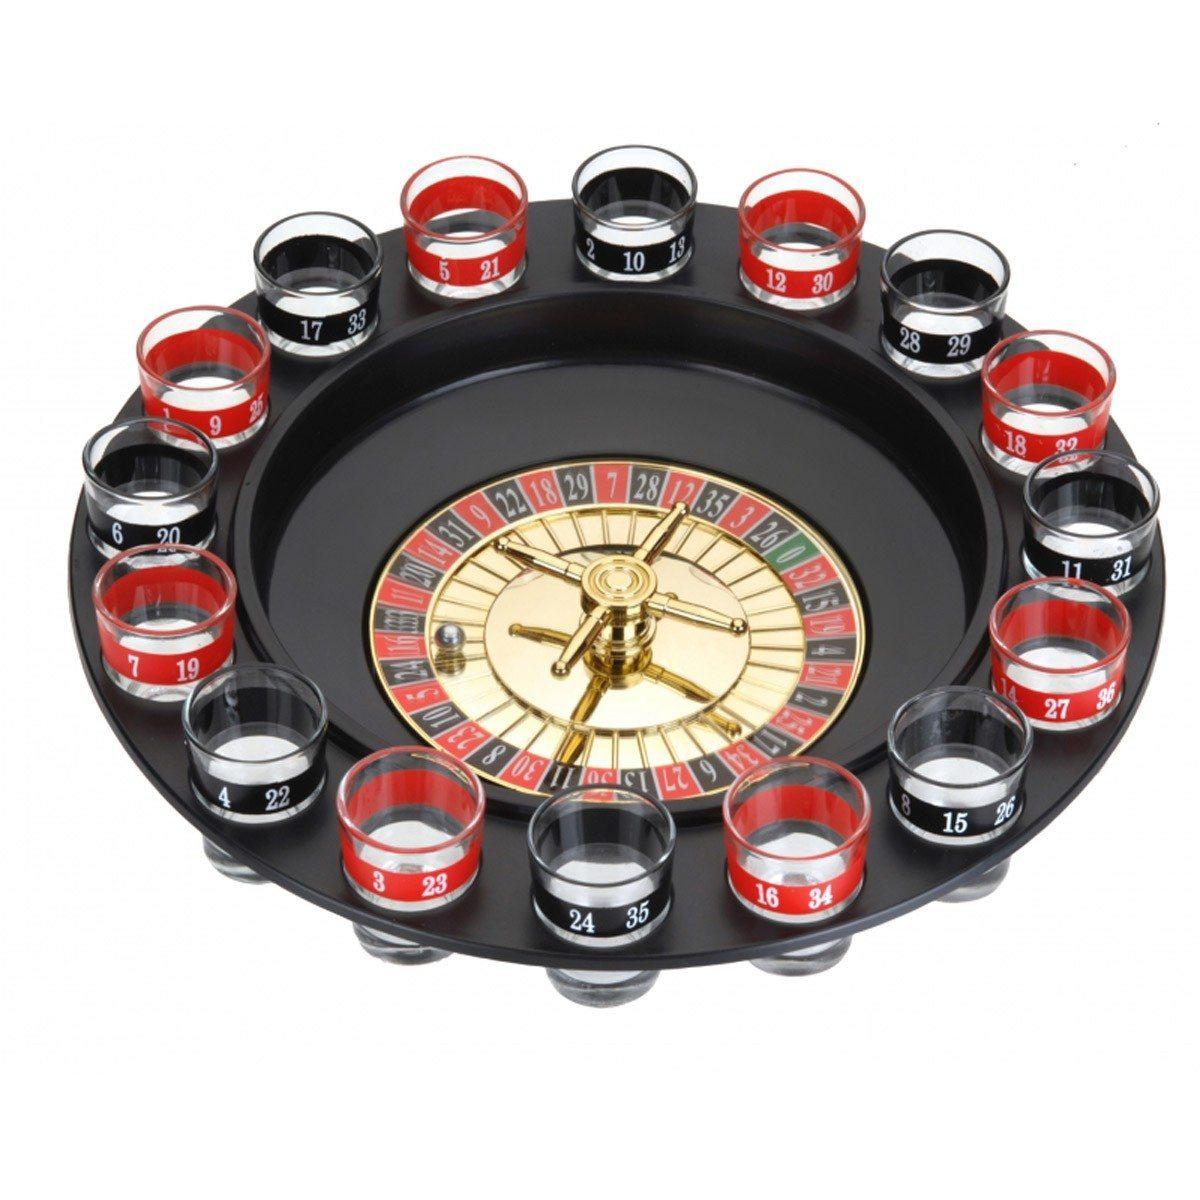 Shots-roulette